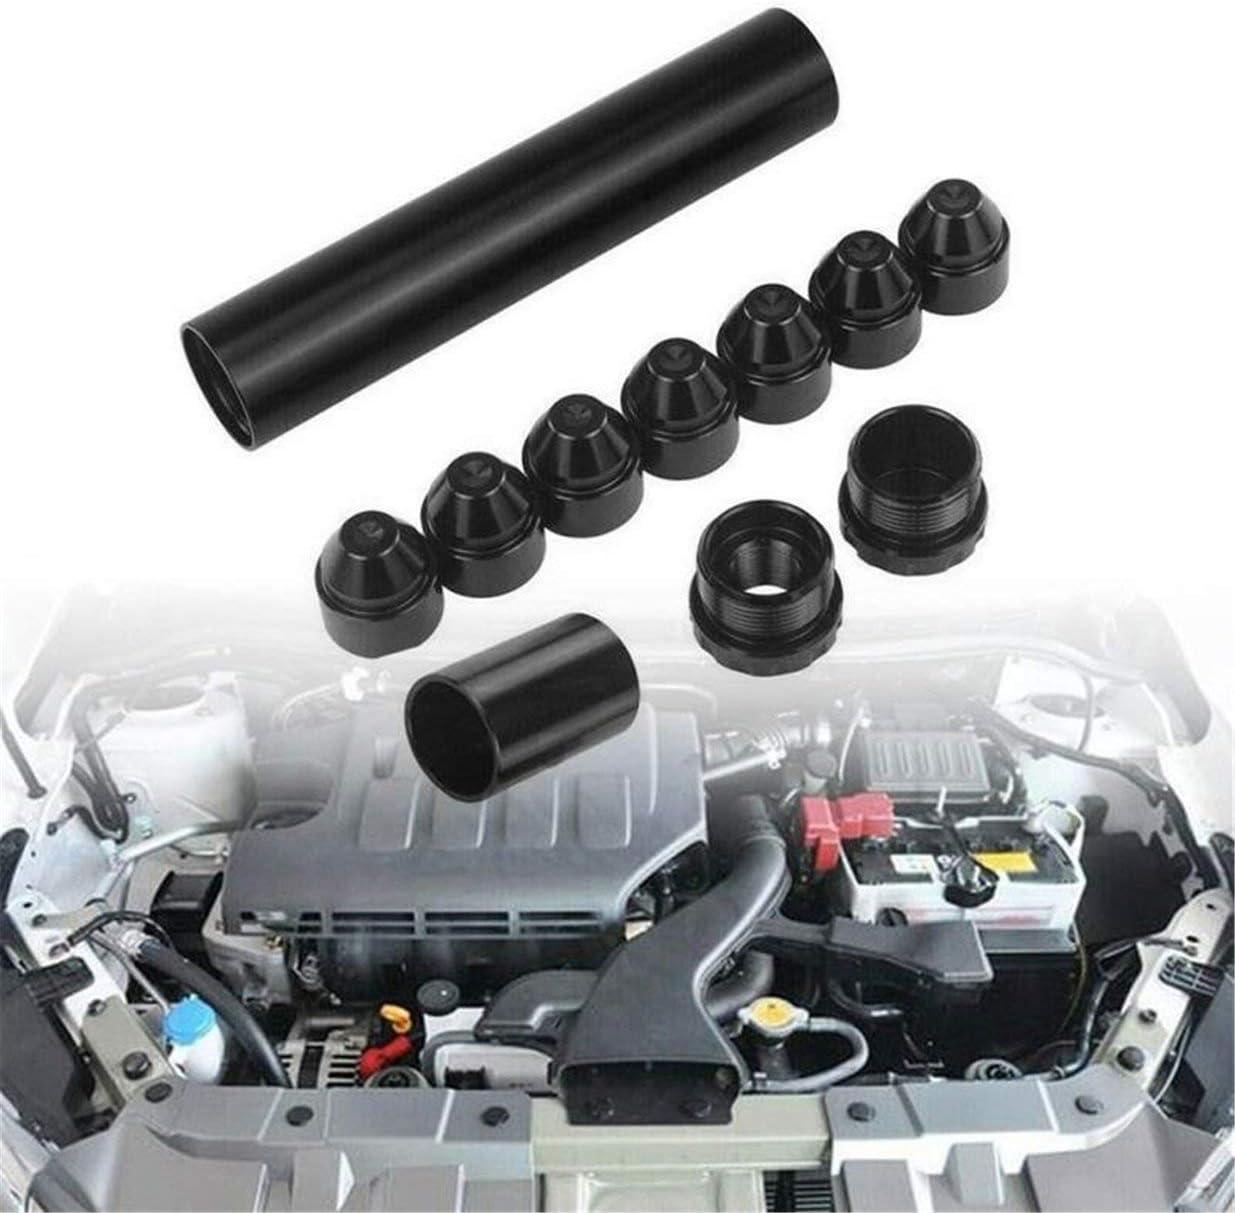 Compatibile Con Napa 4003 Wix 24003 Filettatura 1//2-28 5//8-24 Filtro Per Irrigatore Da Giardino Con Filtro Carburante Per Automobile Set Di Strumenti Per Filtro Carburante